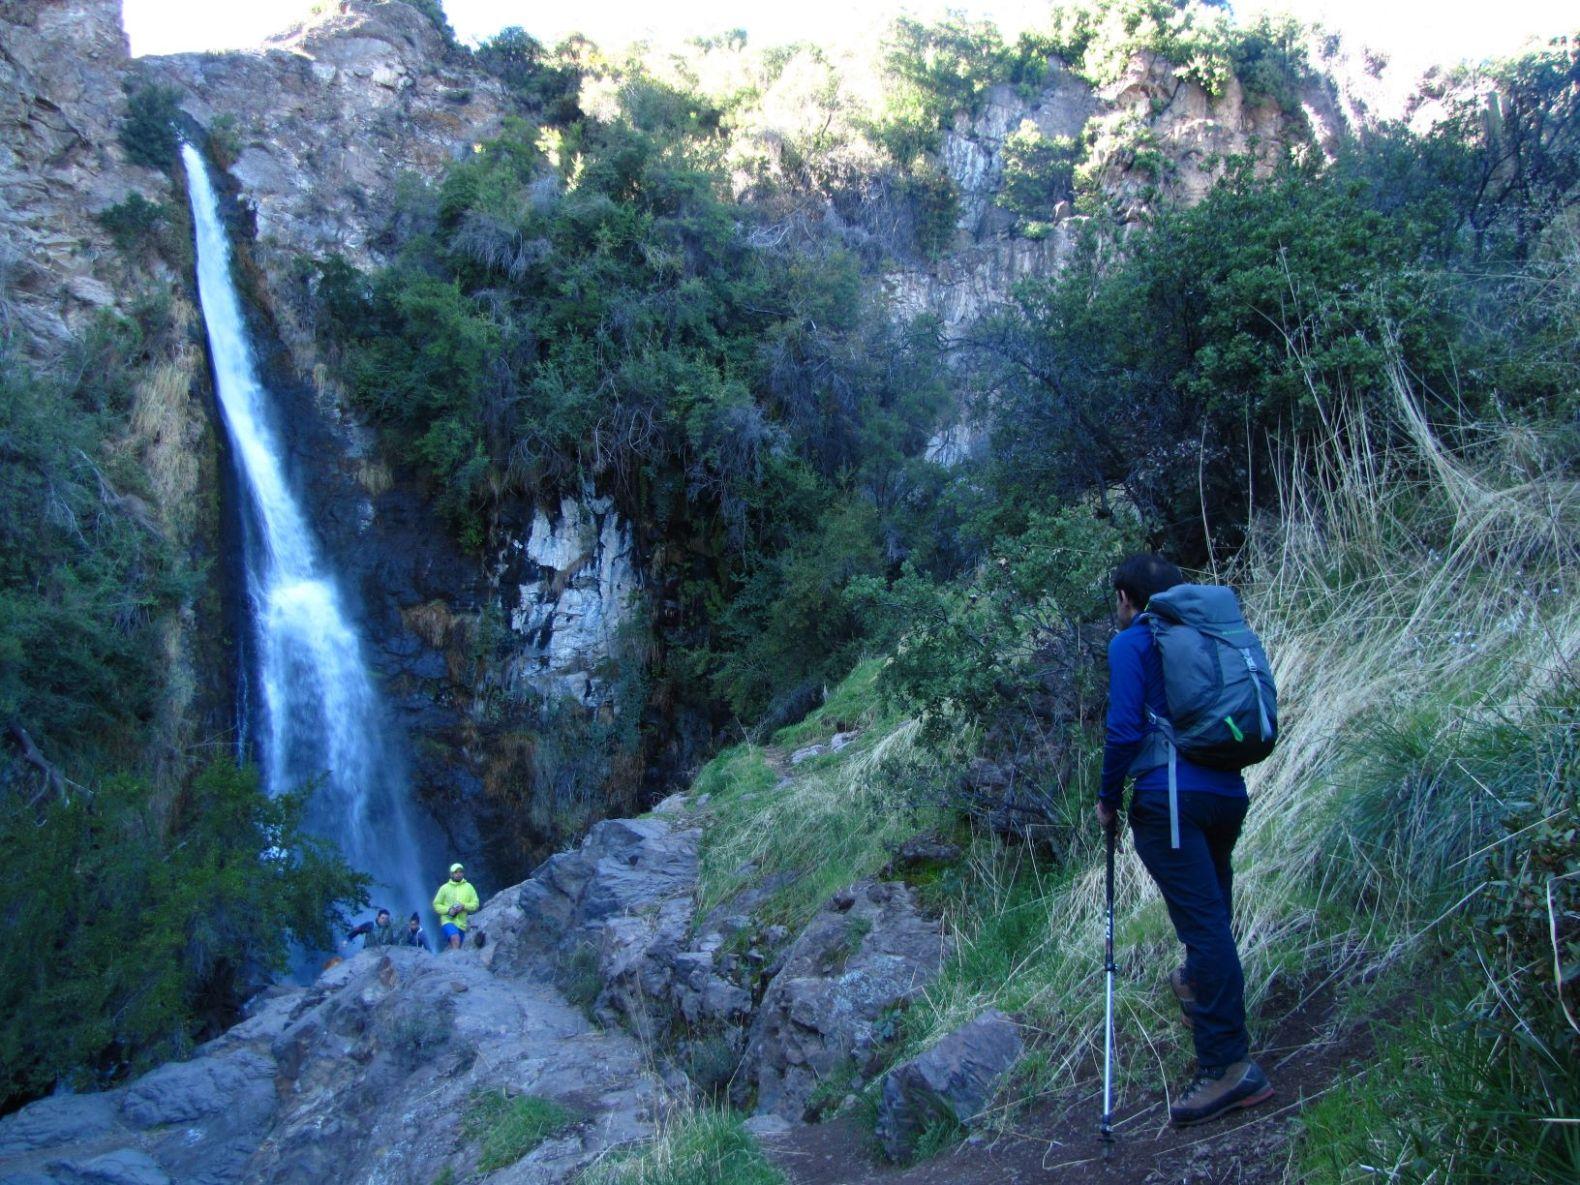 Convenio DAV: Descuento Parques Cordillera y Parque Yerba Loca